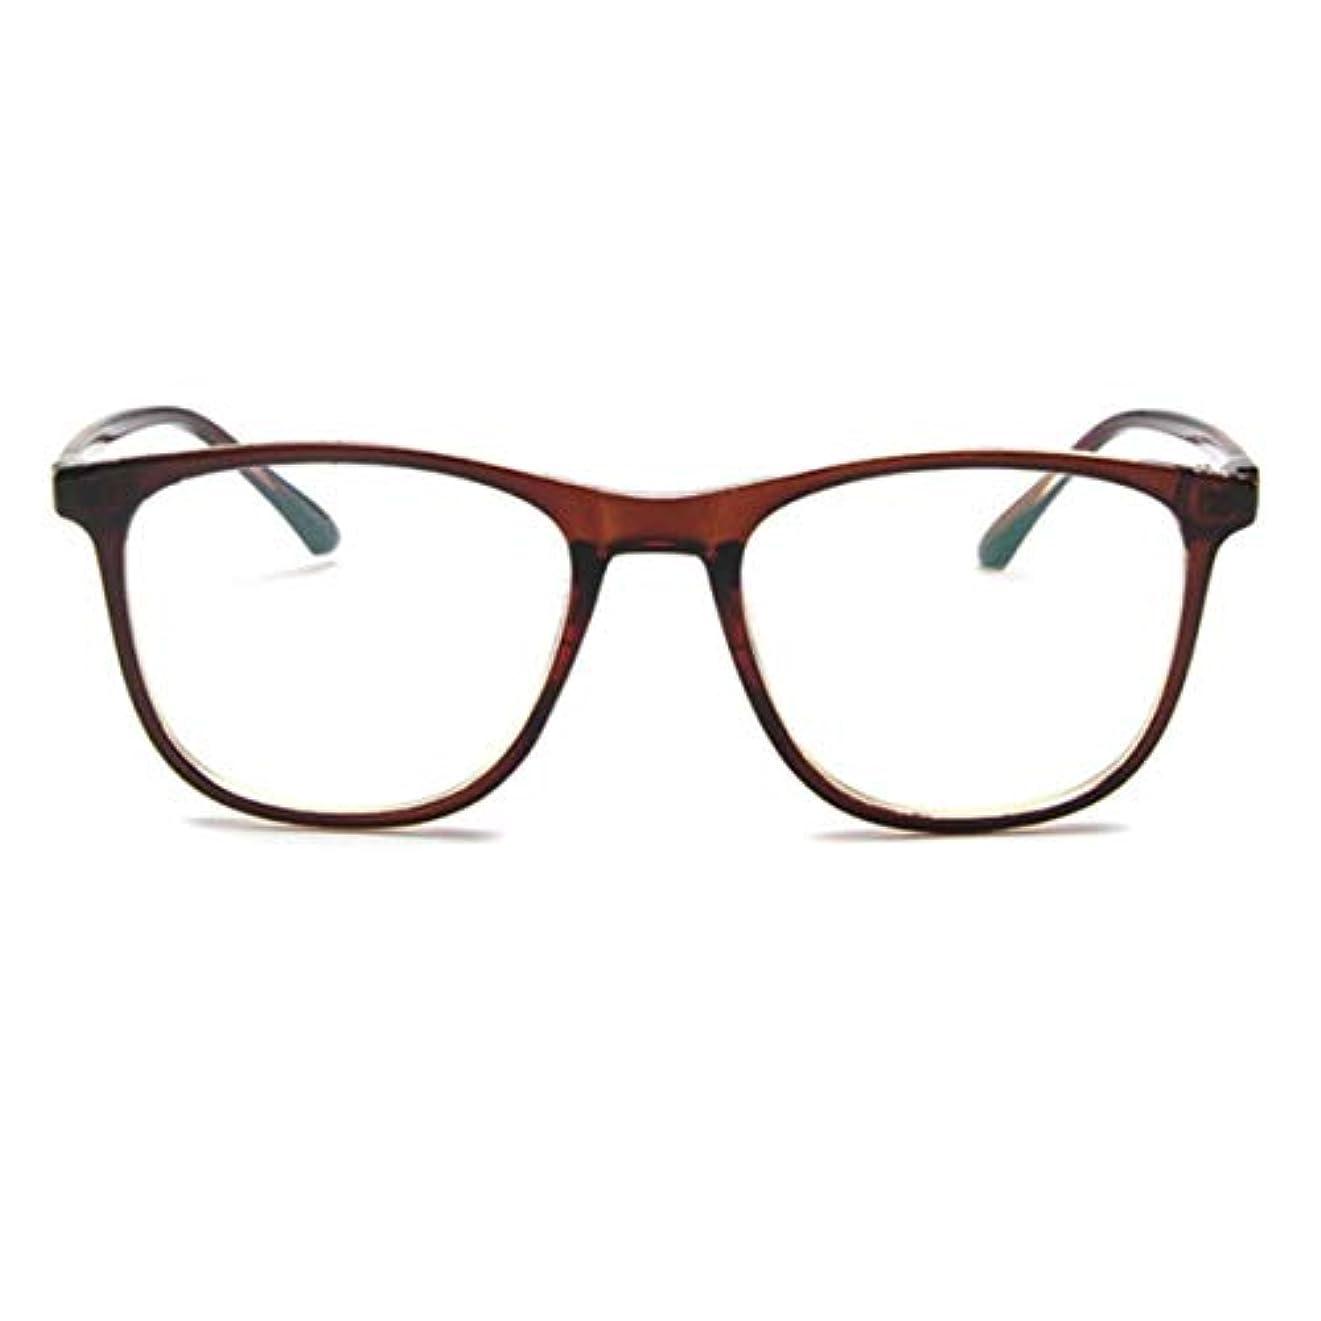 家主ナンセンス害虫韓国の学生のプレーンメガネ男性と女性のファッションメガネフレーム近視メガネフレームファッショナブルなシンプルなメガネ-ダークブラウン